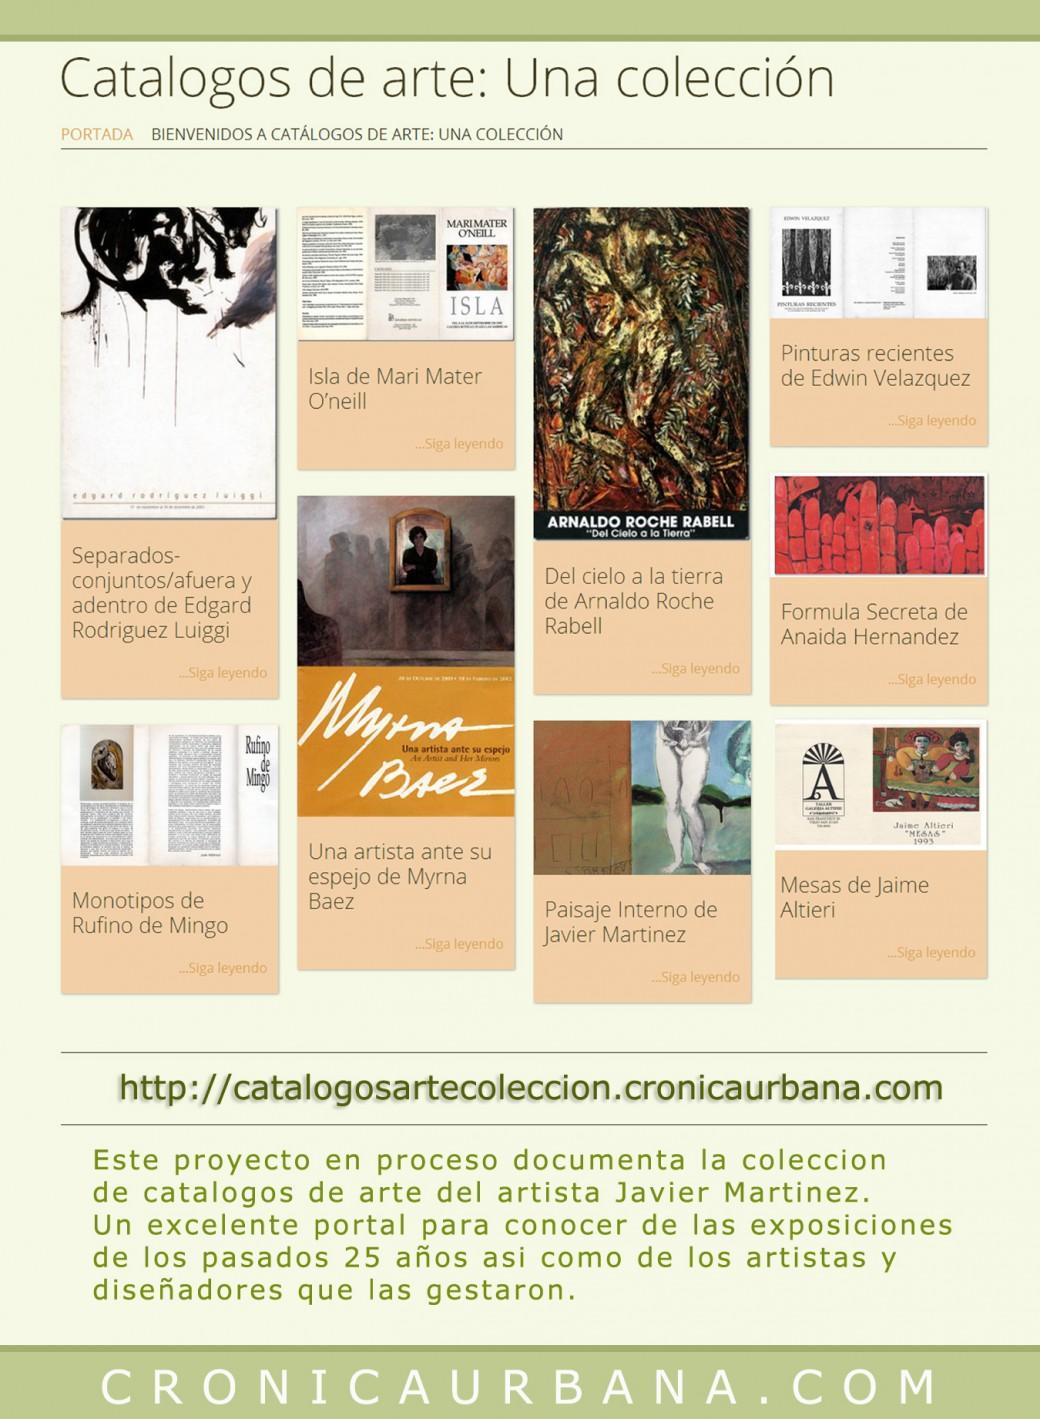 Catálogos de arte una colección proyecto de Javier Martinez acerca de los catálogos de arte como documentación del arte..